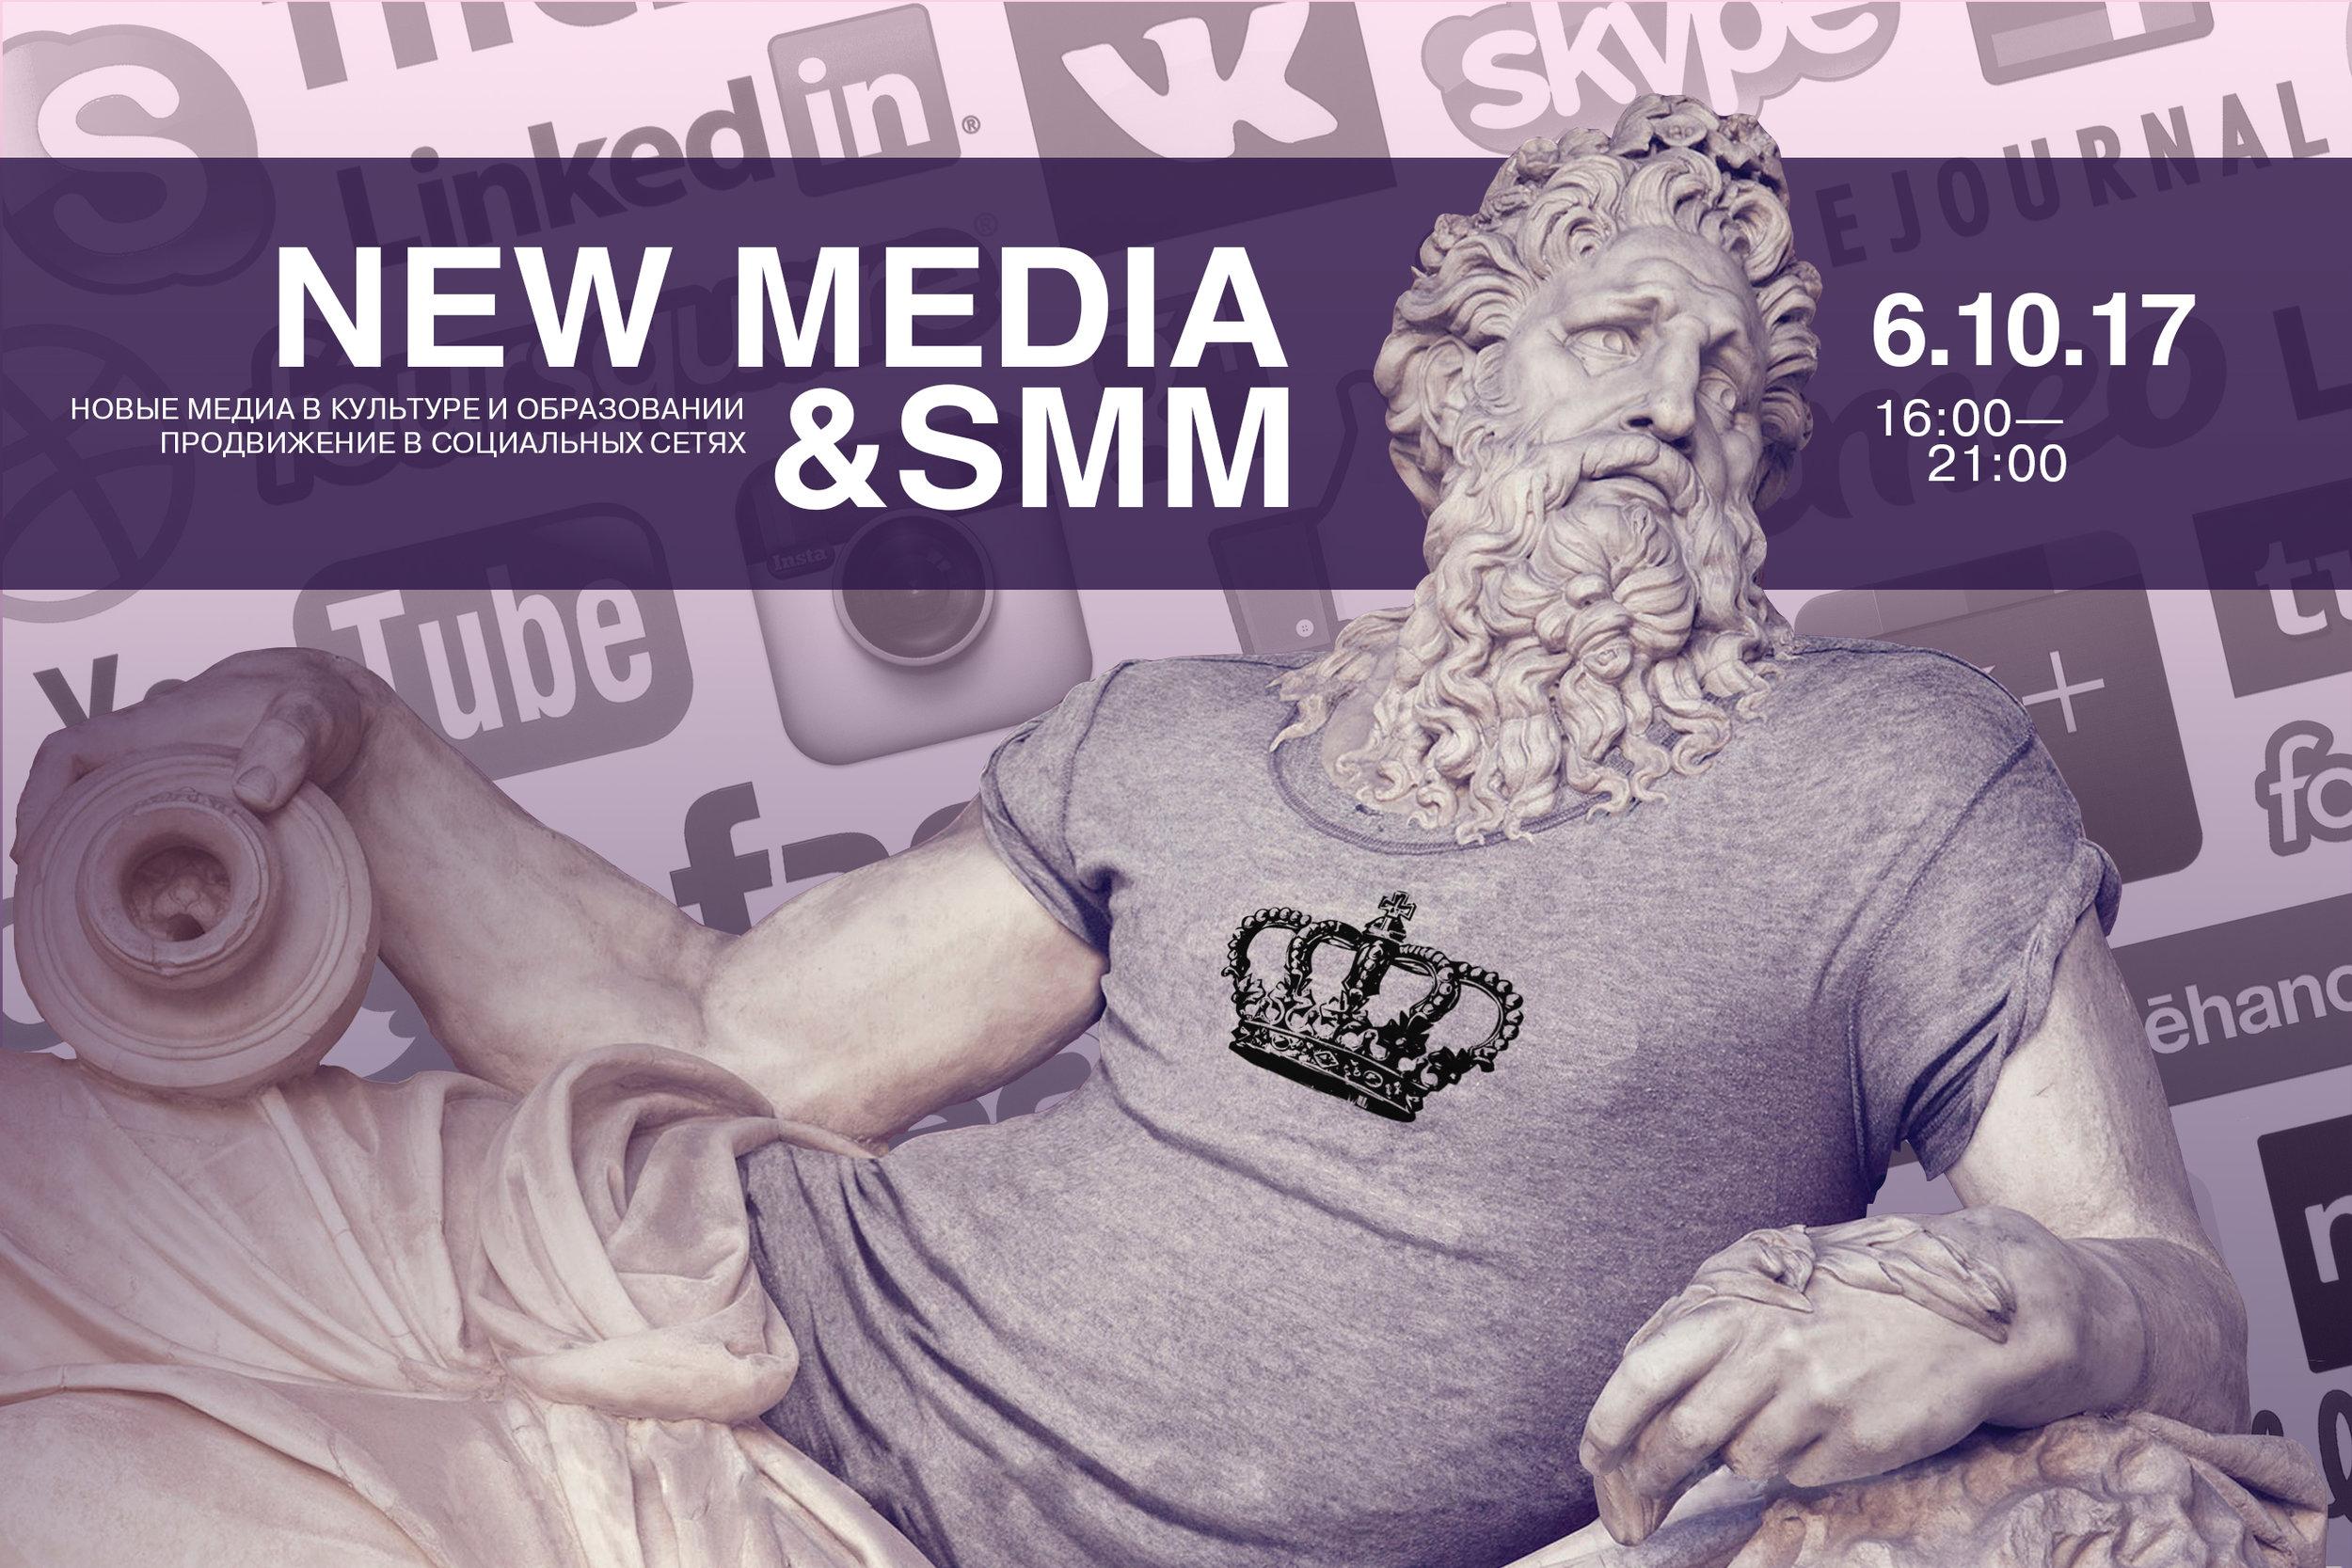 new media smm.jpg